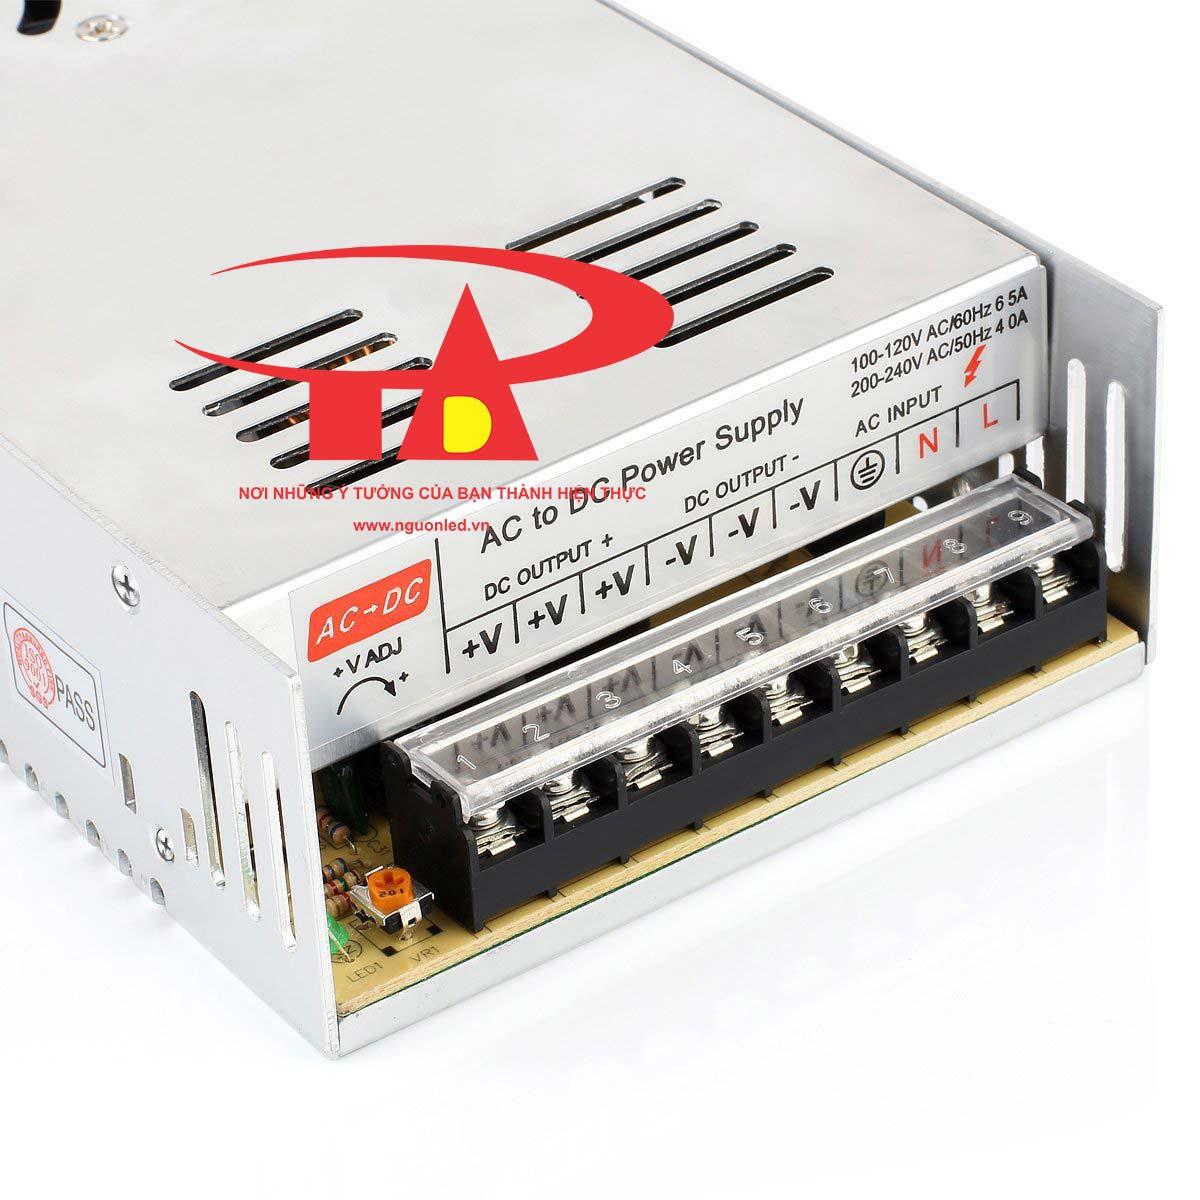 Nguồn 24V 15A loại tốt, chất lượng, đủ ampe, giá rẻ, có quạt dùng cho đèn led, tự động hóa, camera, nguonled.vn